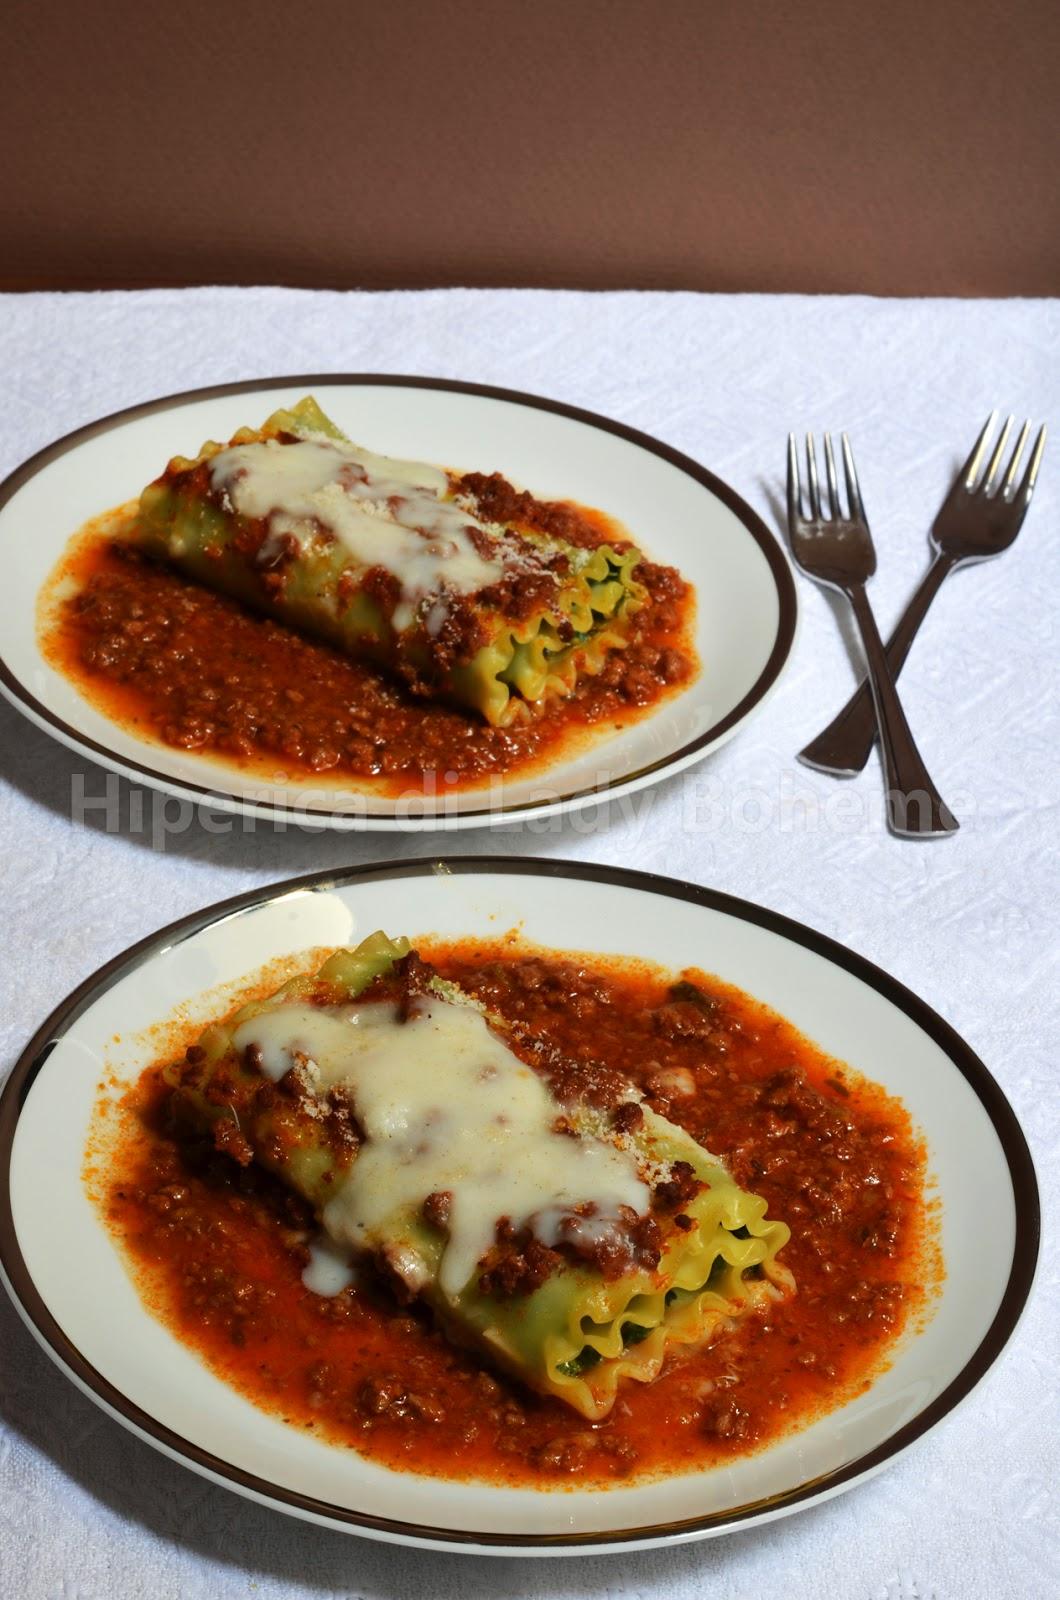 ricetta lasagna riccia arrotolata con ricotta e spinaci al ragù di carne